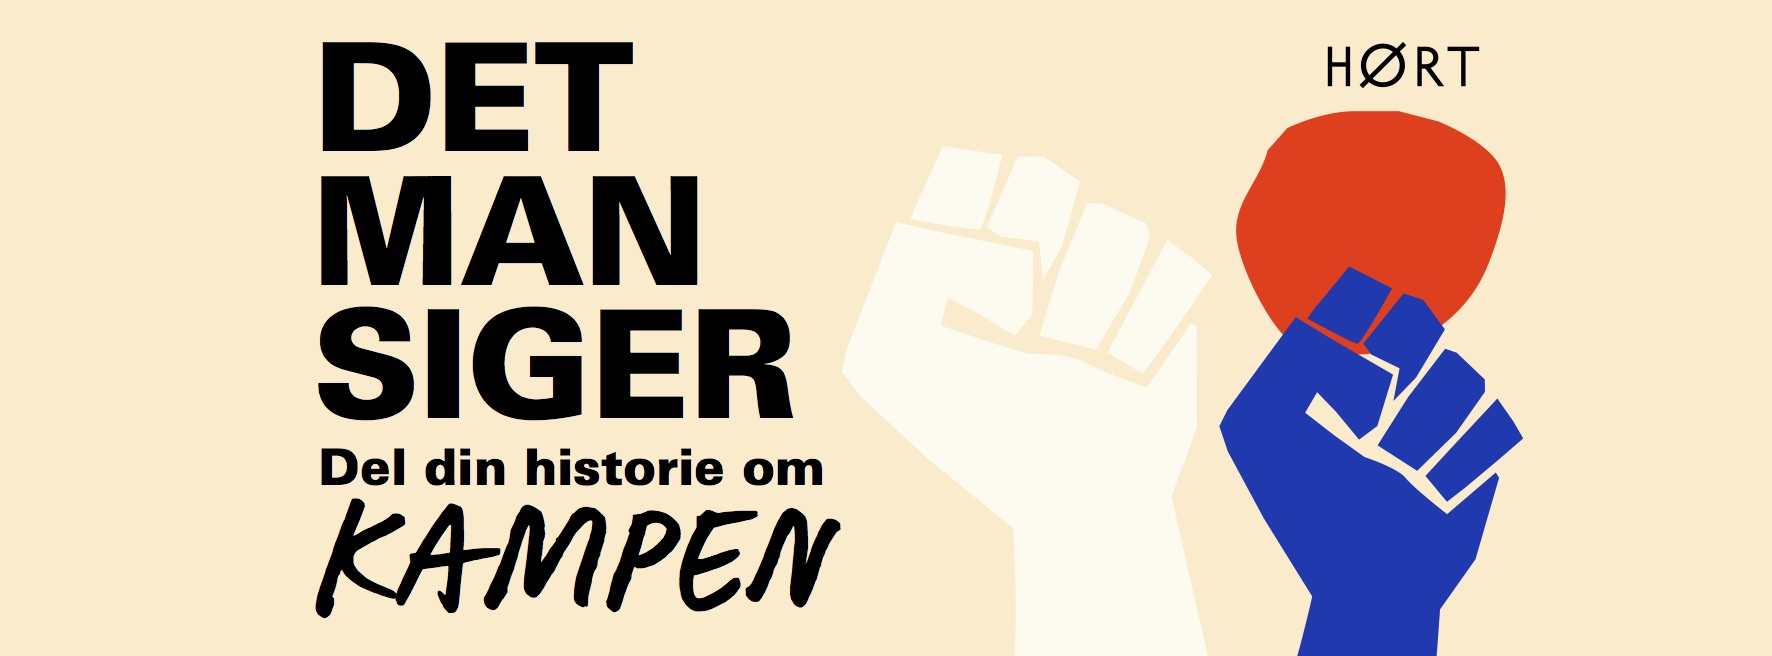 2018.10.02_FB HØRT_Kampen (trukket).jpg